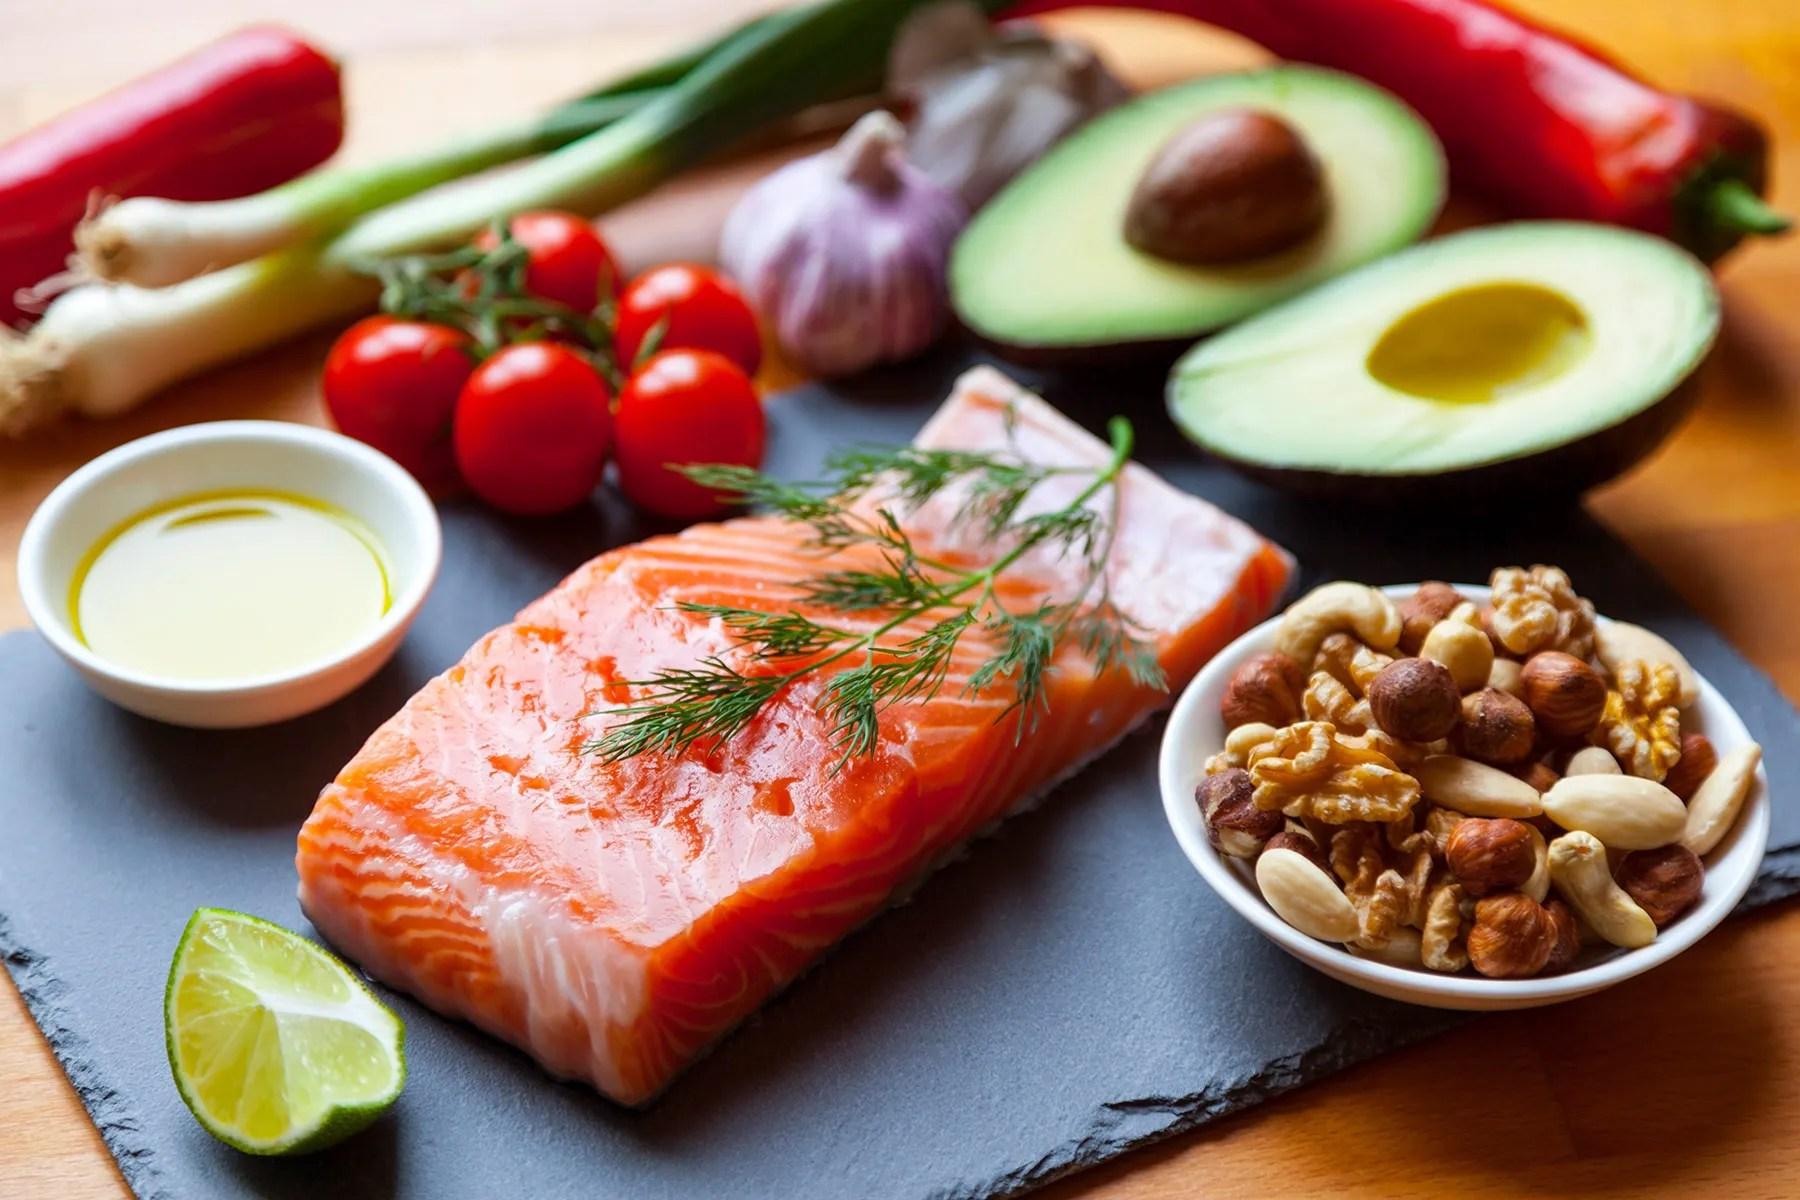 Mediterranean Diet Could Ward Off Dementia